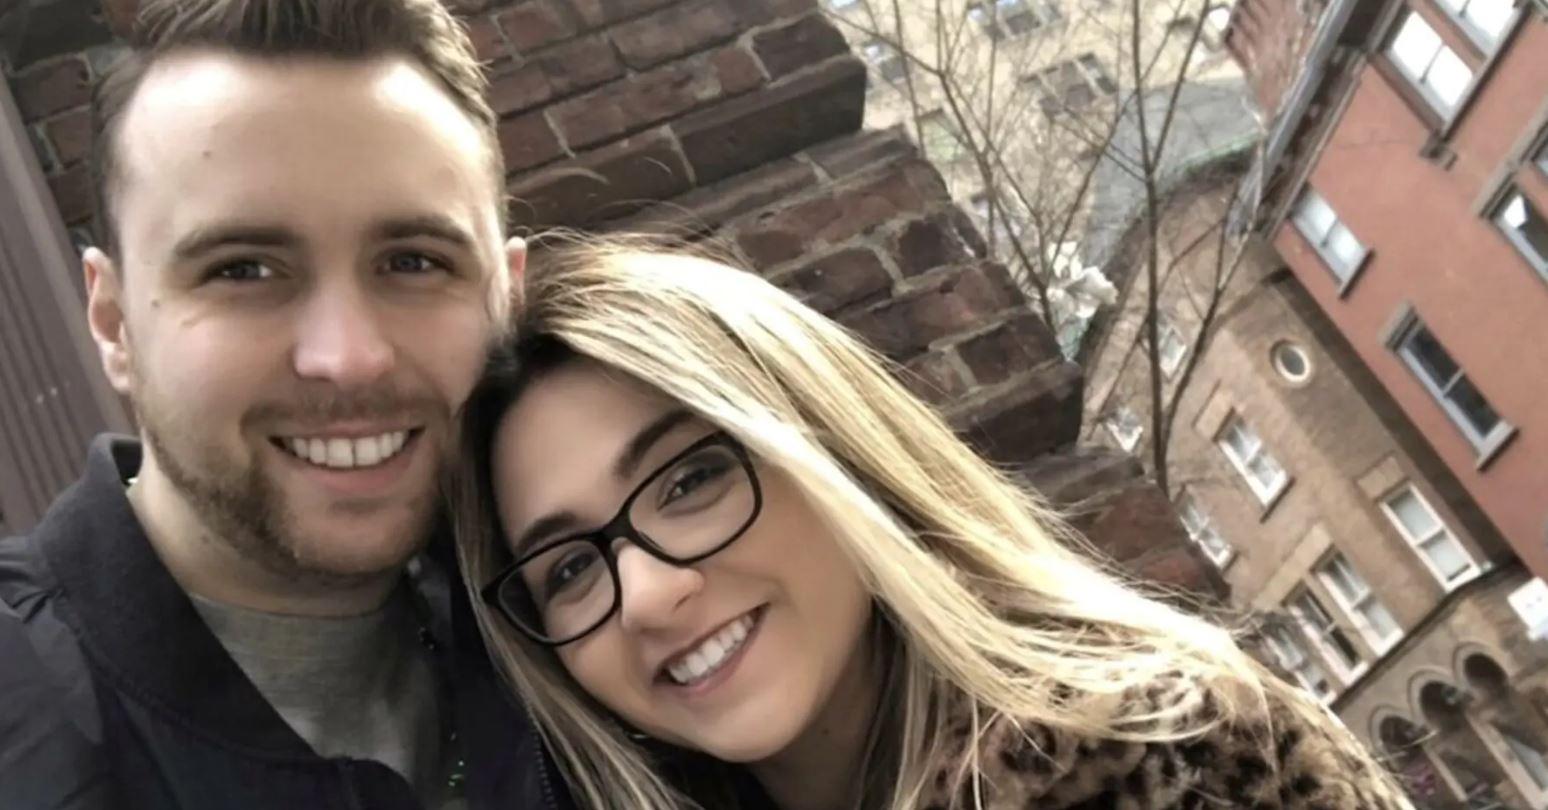 Fakti tronditës: Çifti i fejuar zbulon se kishin lindur pranë njëri-tjetrit në spital